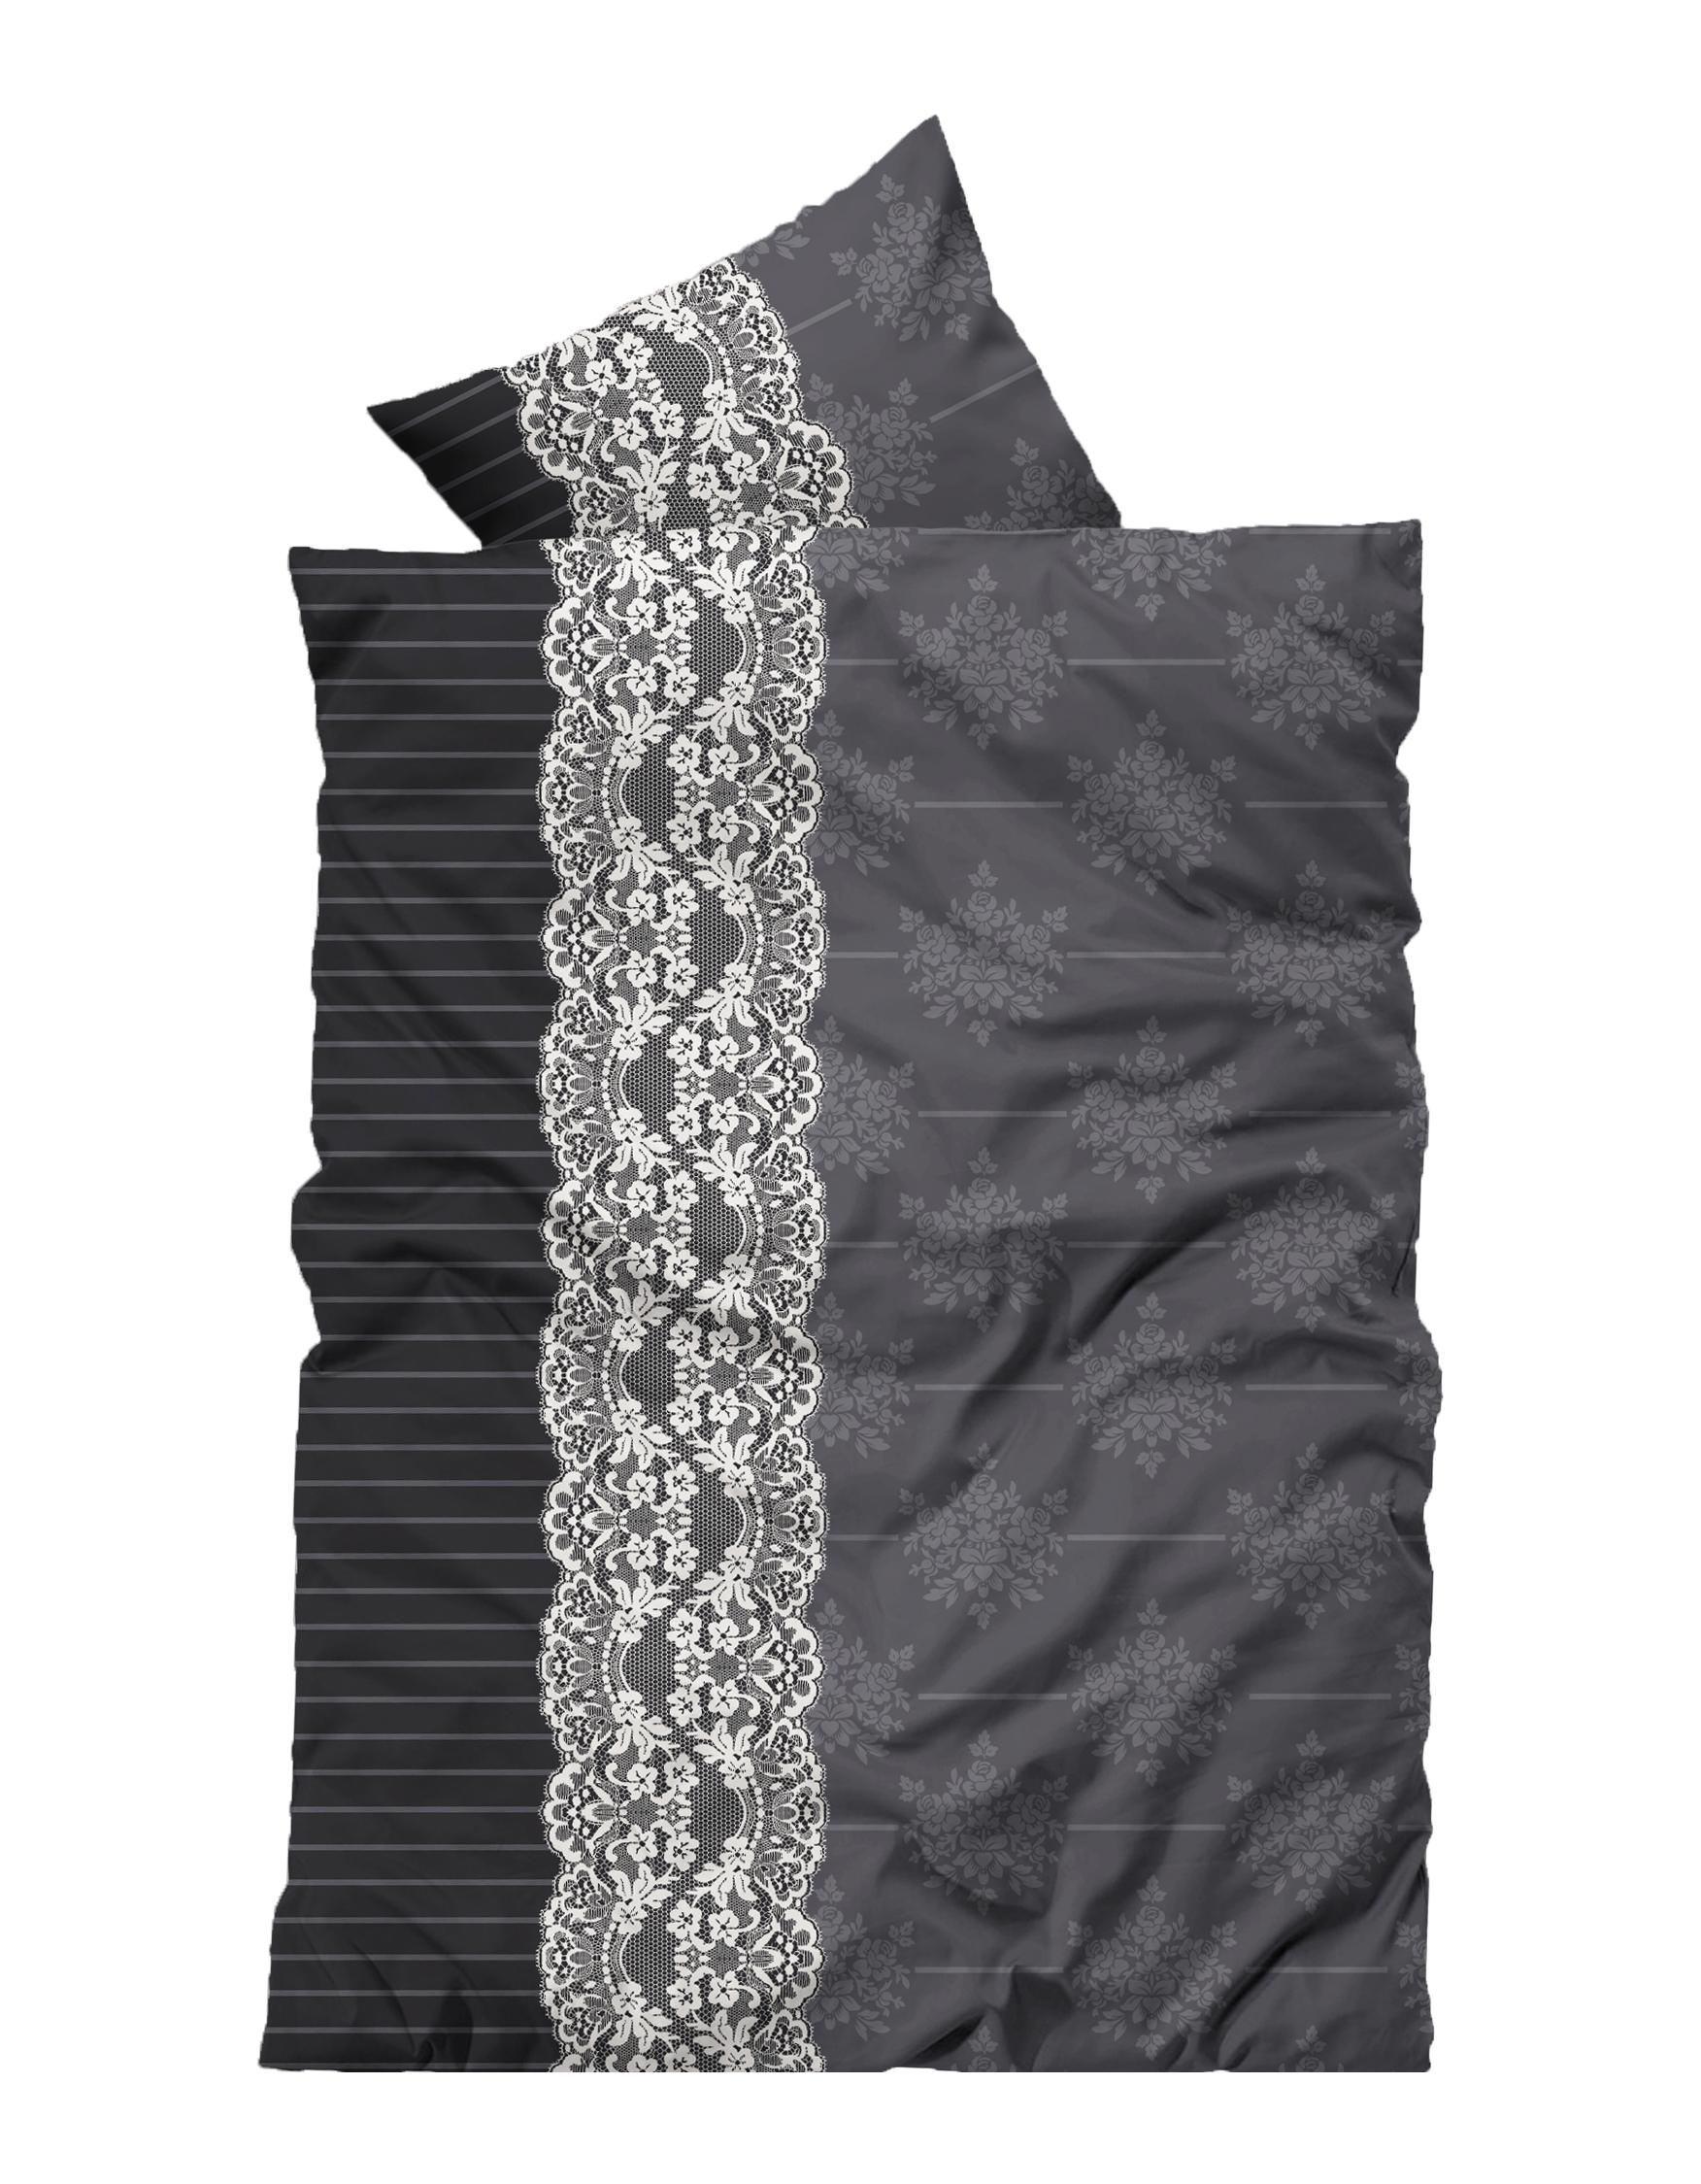 4 Teilig Flausch Bettwäsche 135x200 Cm Ornamente Grau Schwarz Weiß